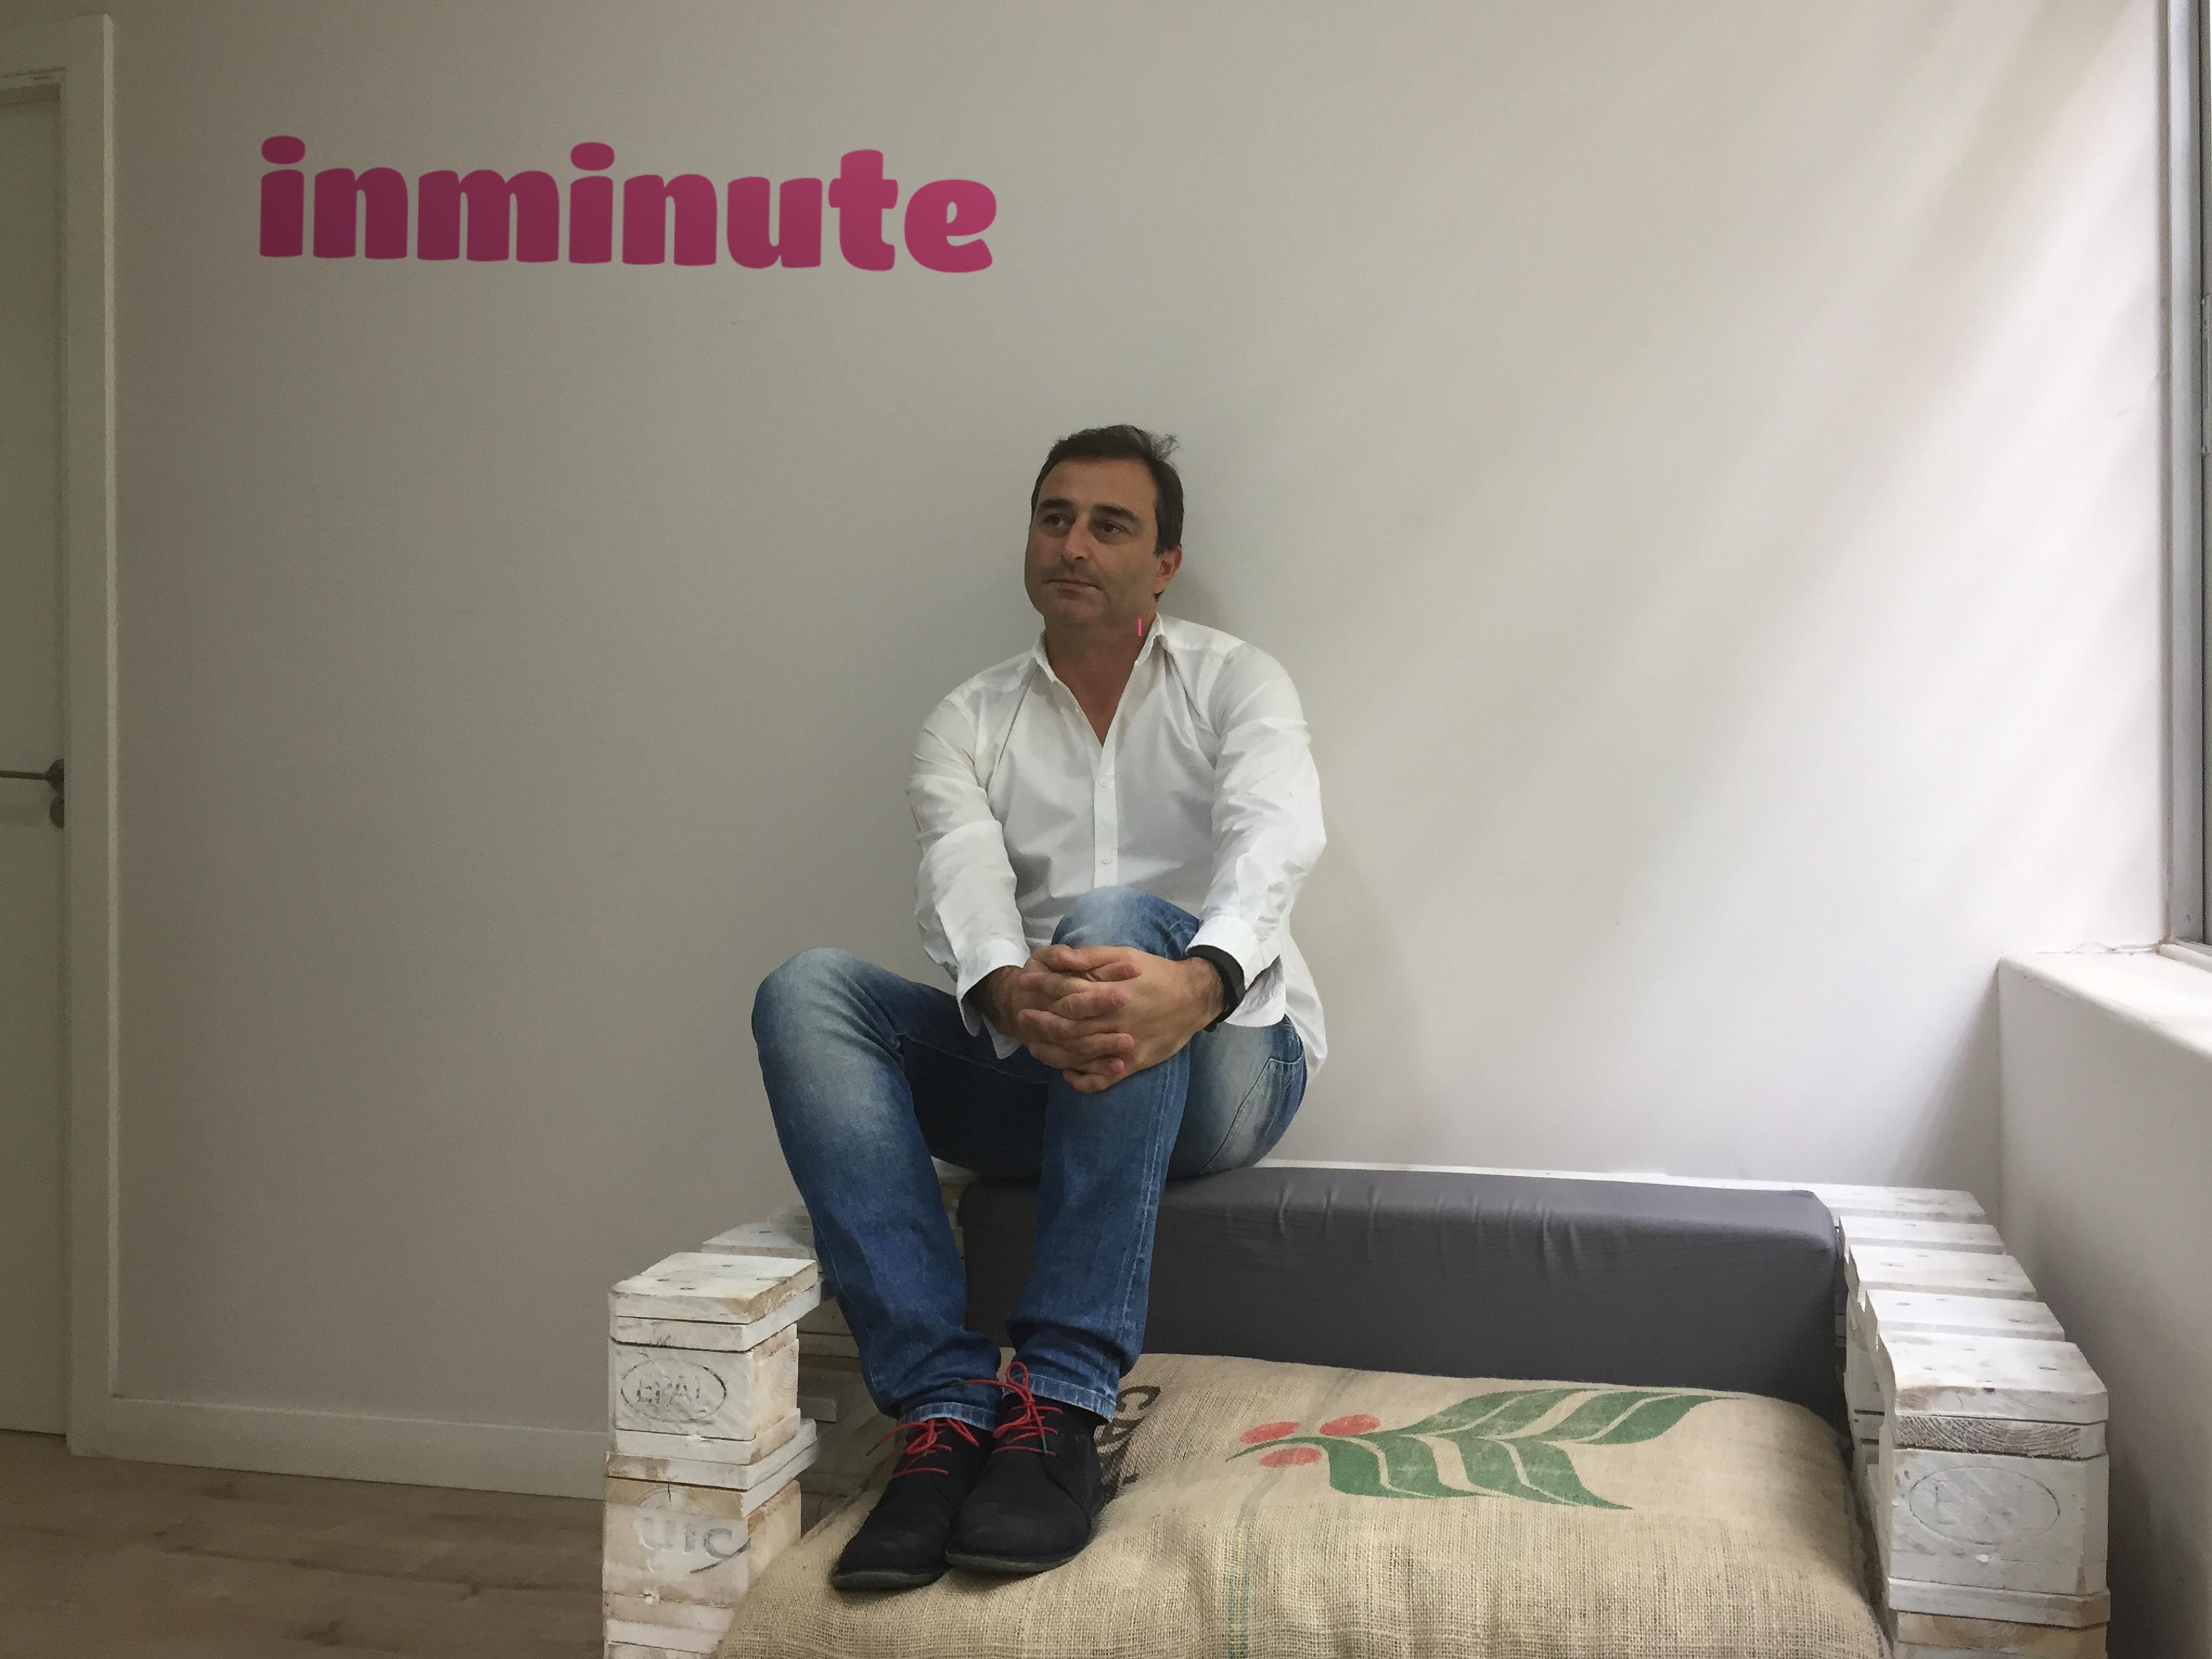 Entrevistamos a Luis Sanz, fundador y CEO de la empresa de mensajería urgente Inminute